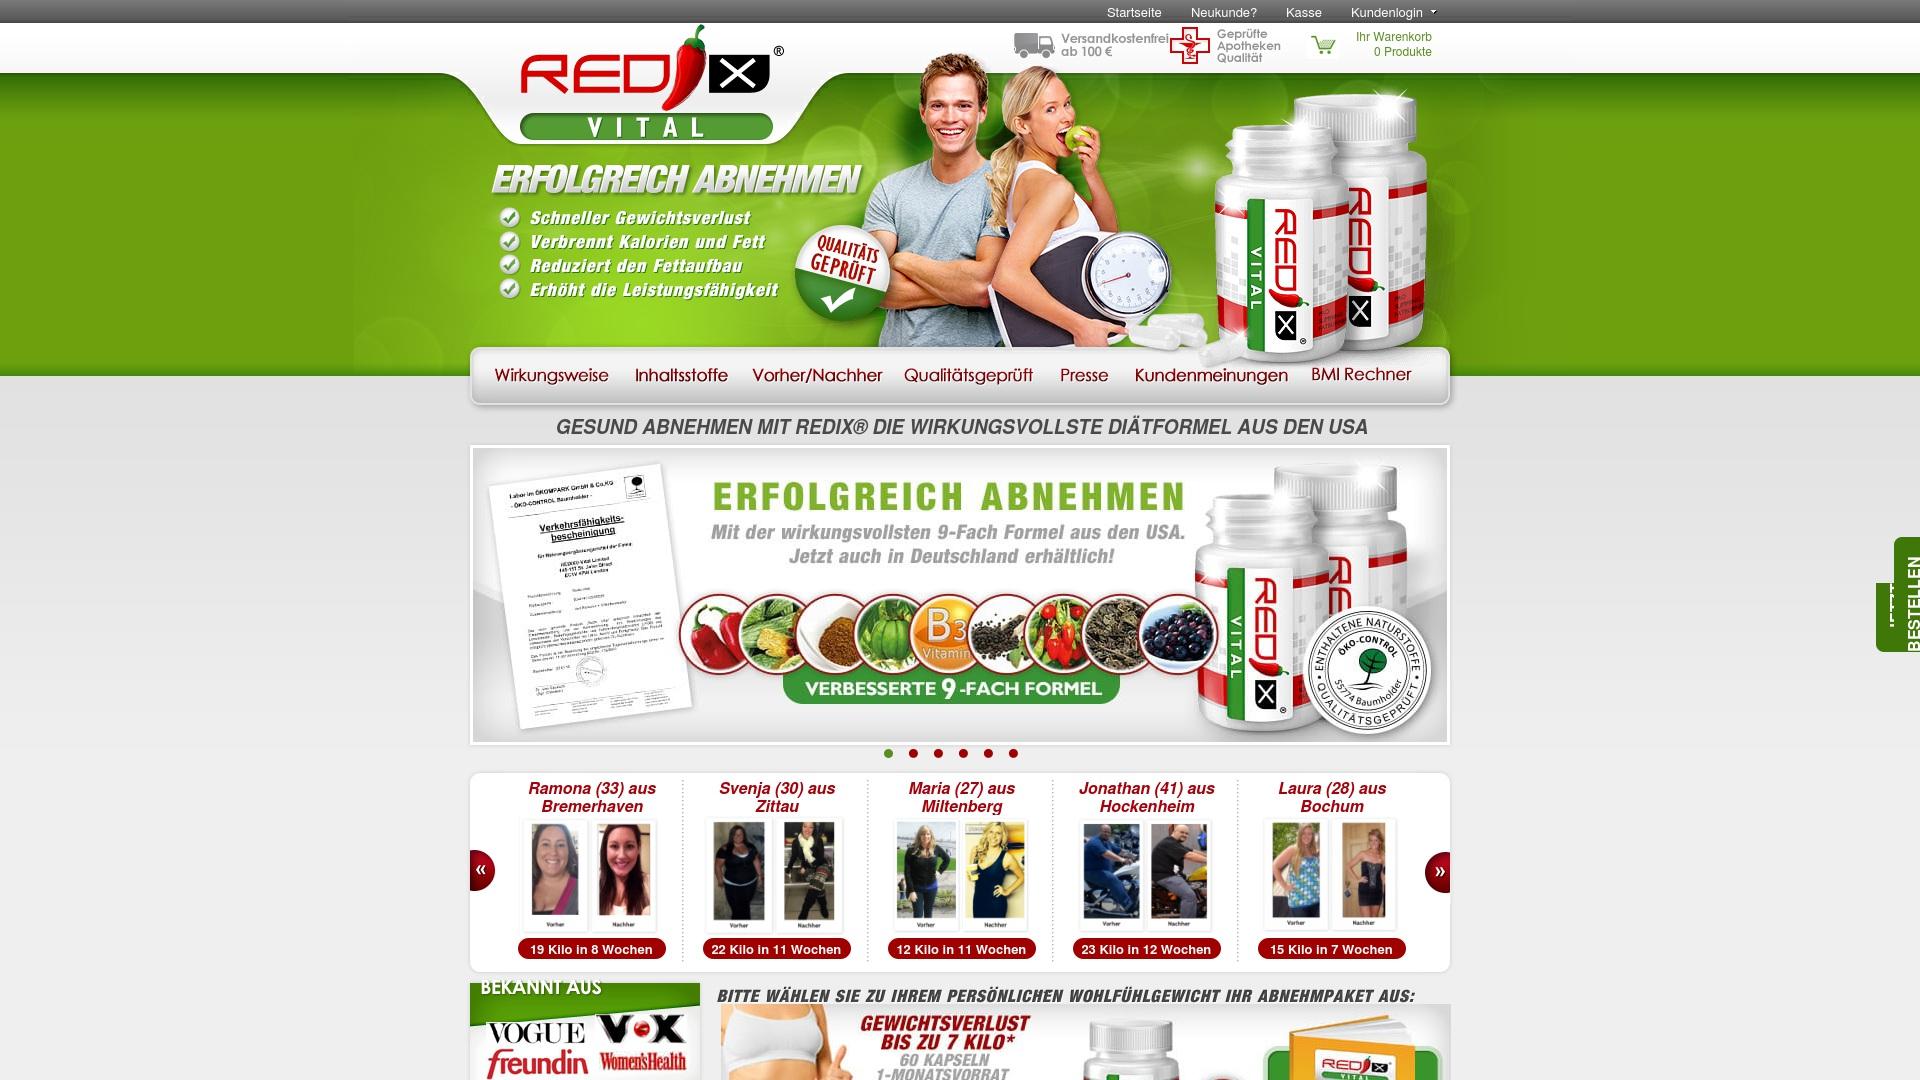 Gutschein für Redix-vital: Rabatte für  Redix-vital sichern